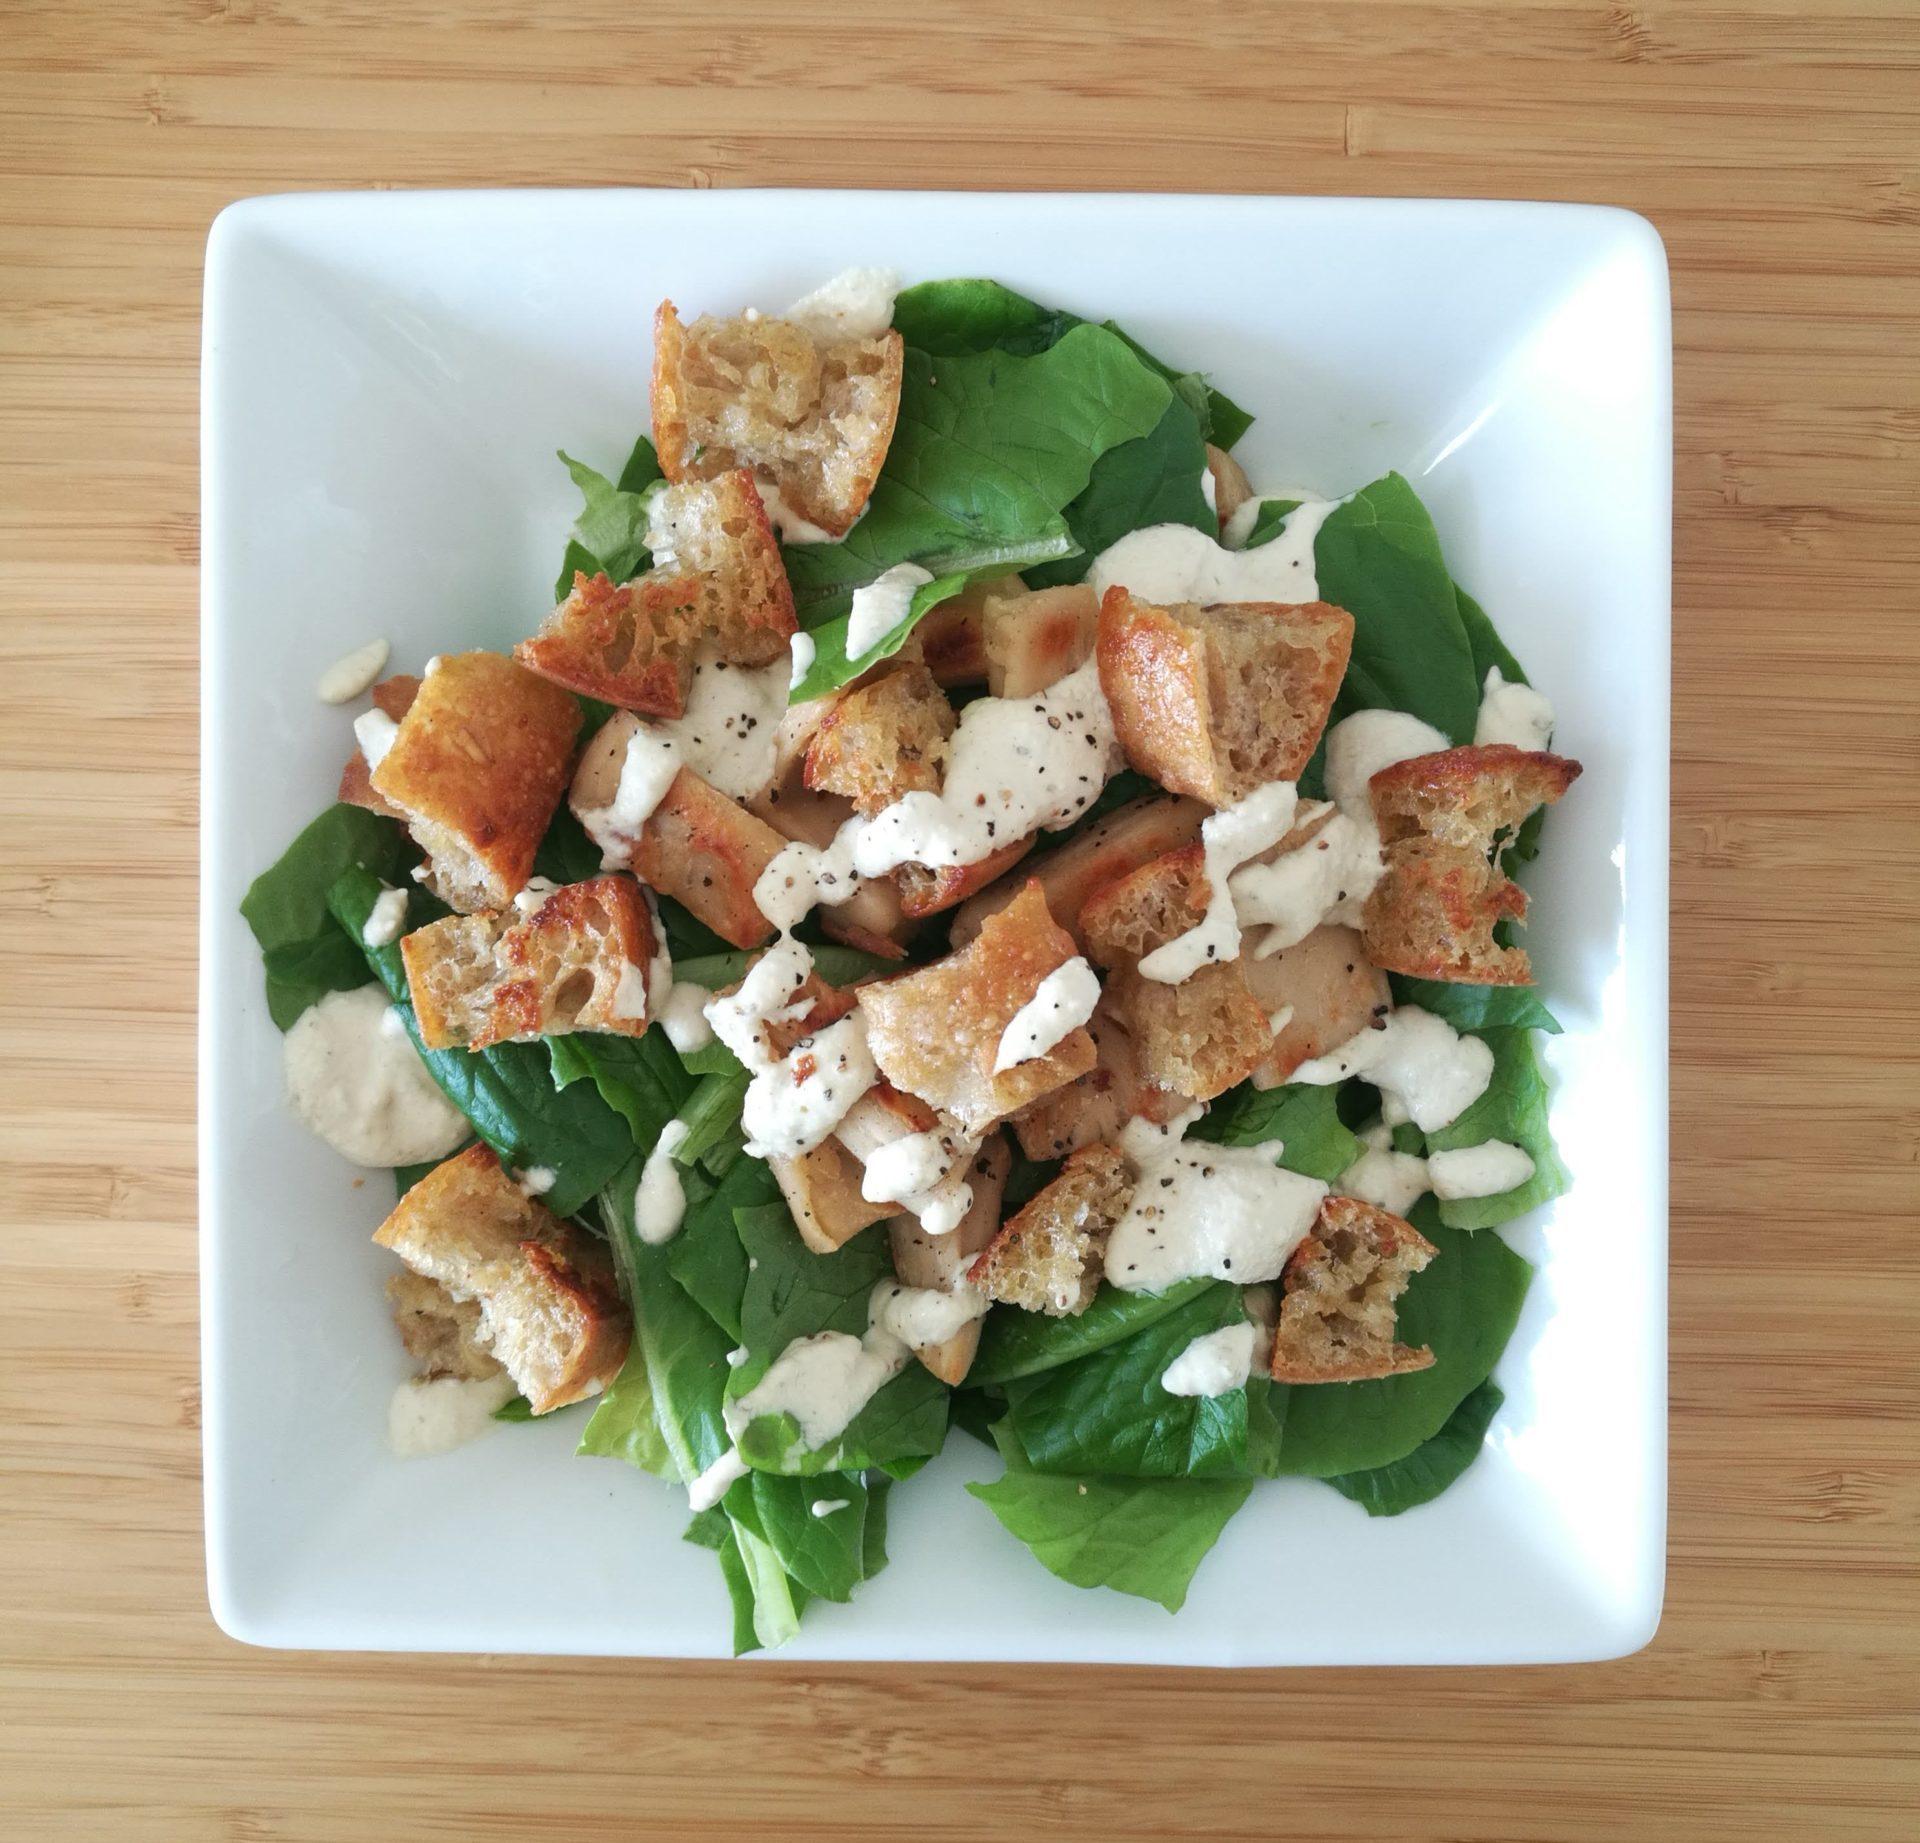 Lihaton lokakuu ja herkullinen salaattiresepti